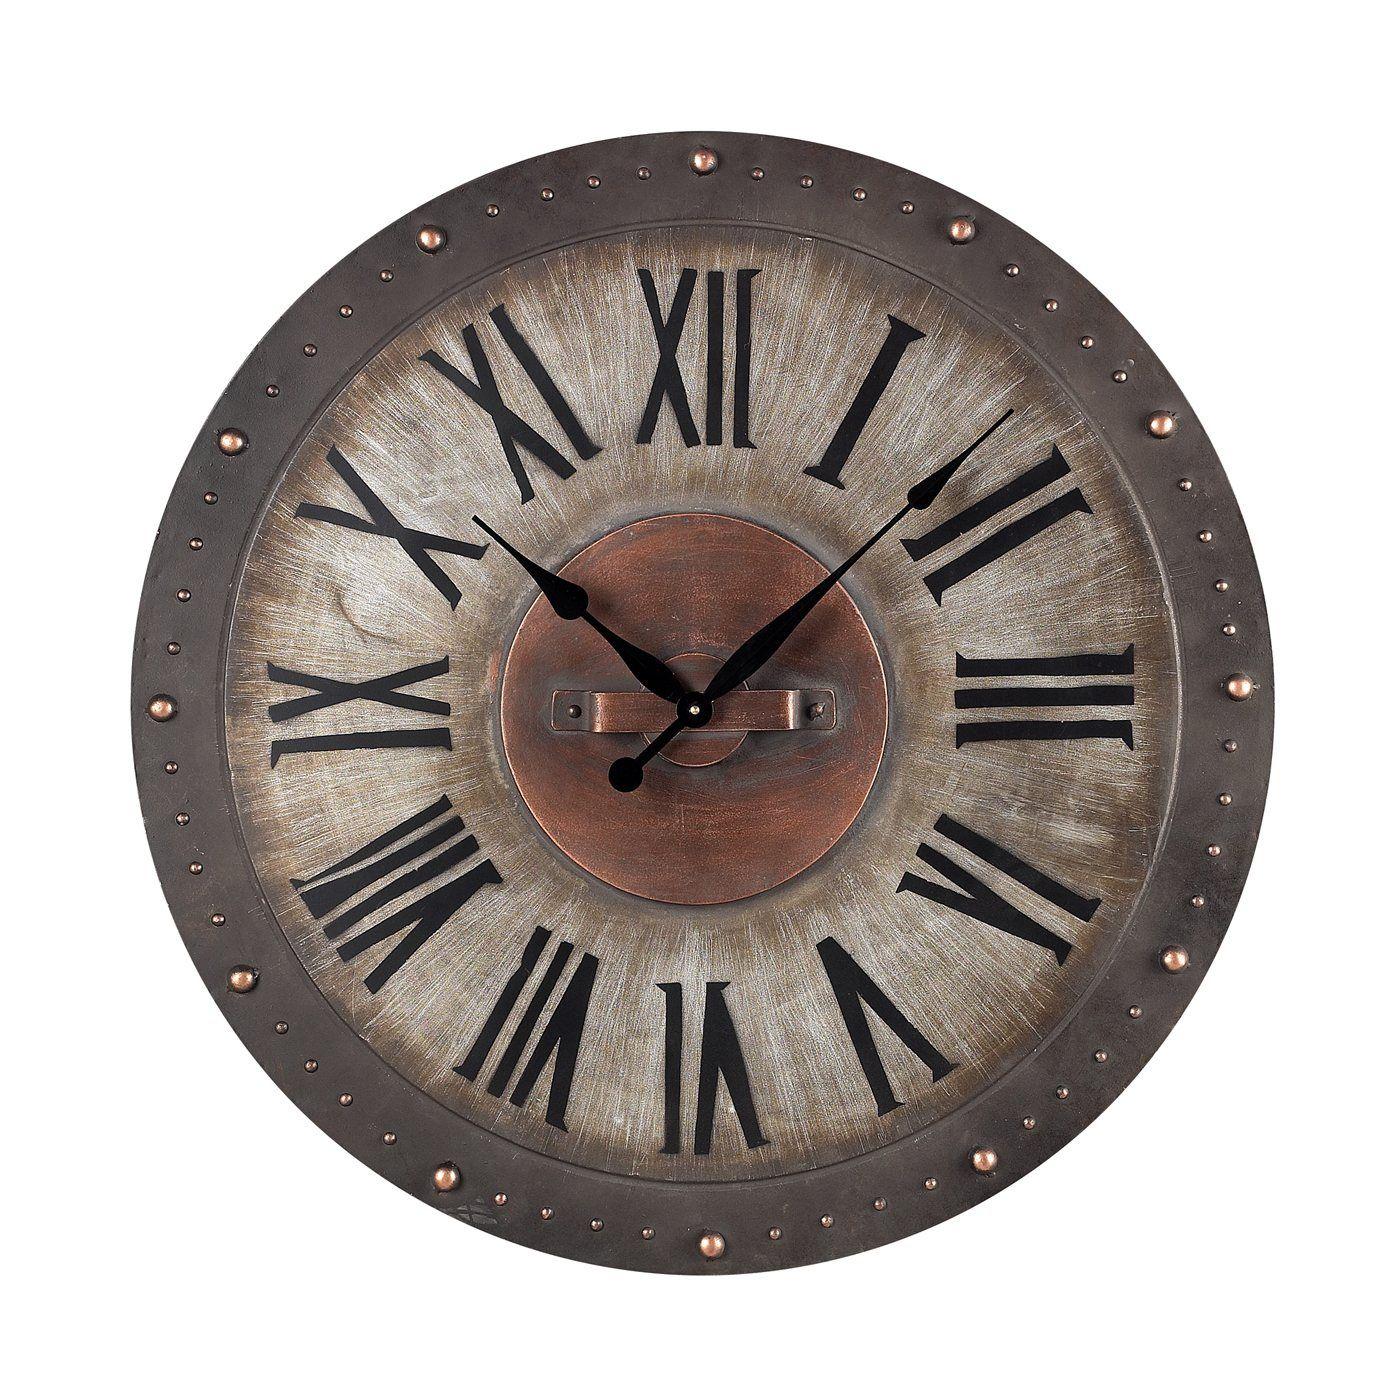 Sterling Industries 128 1005 Metal Roman Numeral Outdoor Wall Clock Industrial Clock Wall Outdoor Wall Clocks Roman Numeral Wall Clock